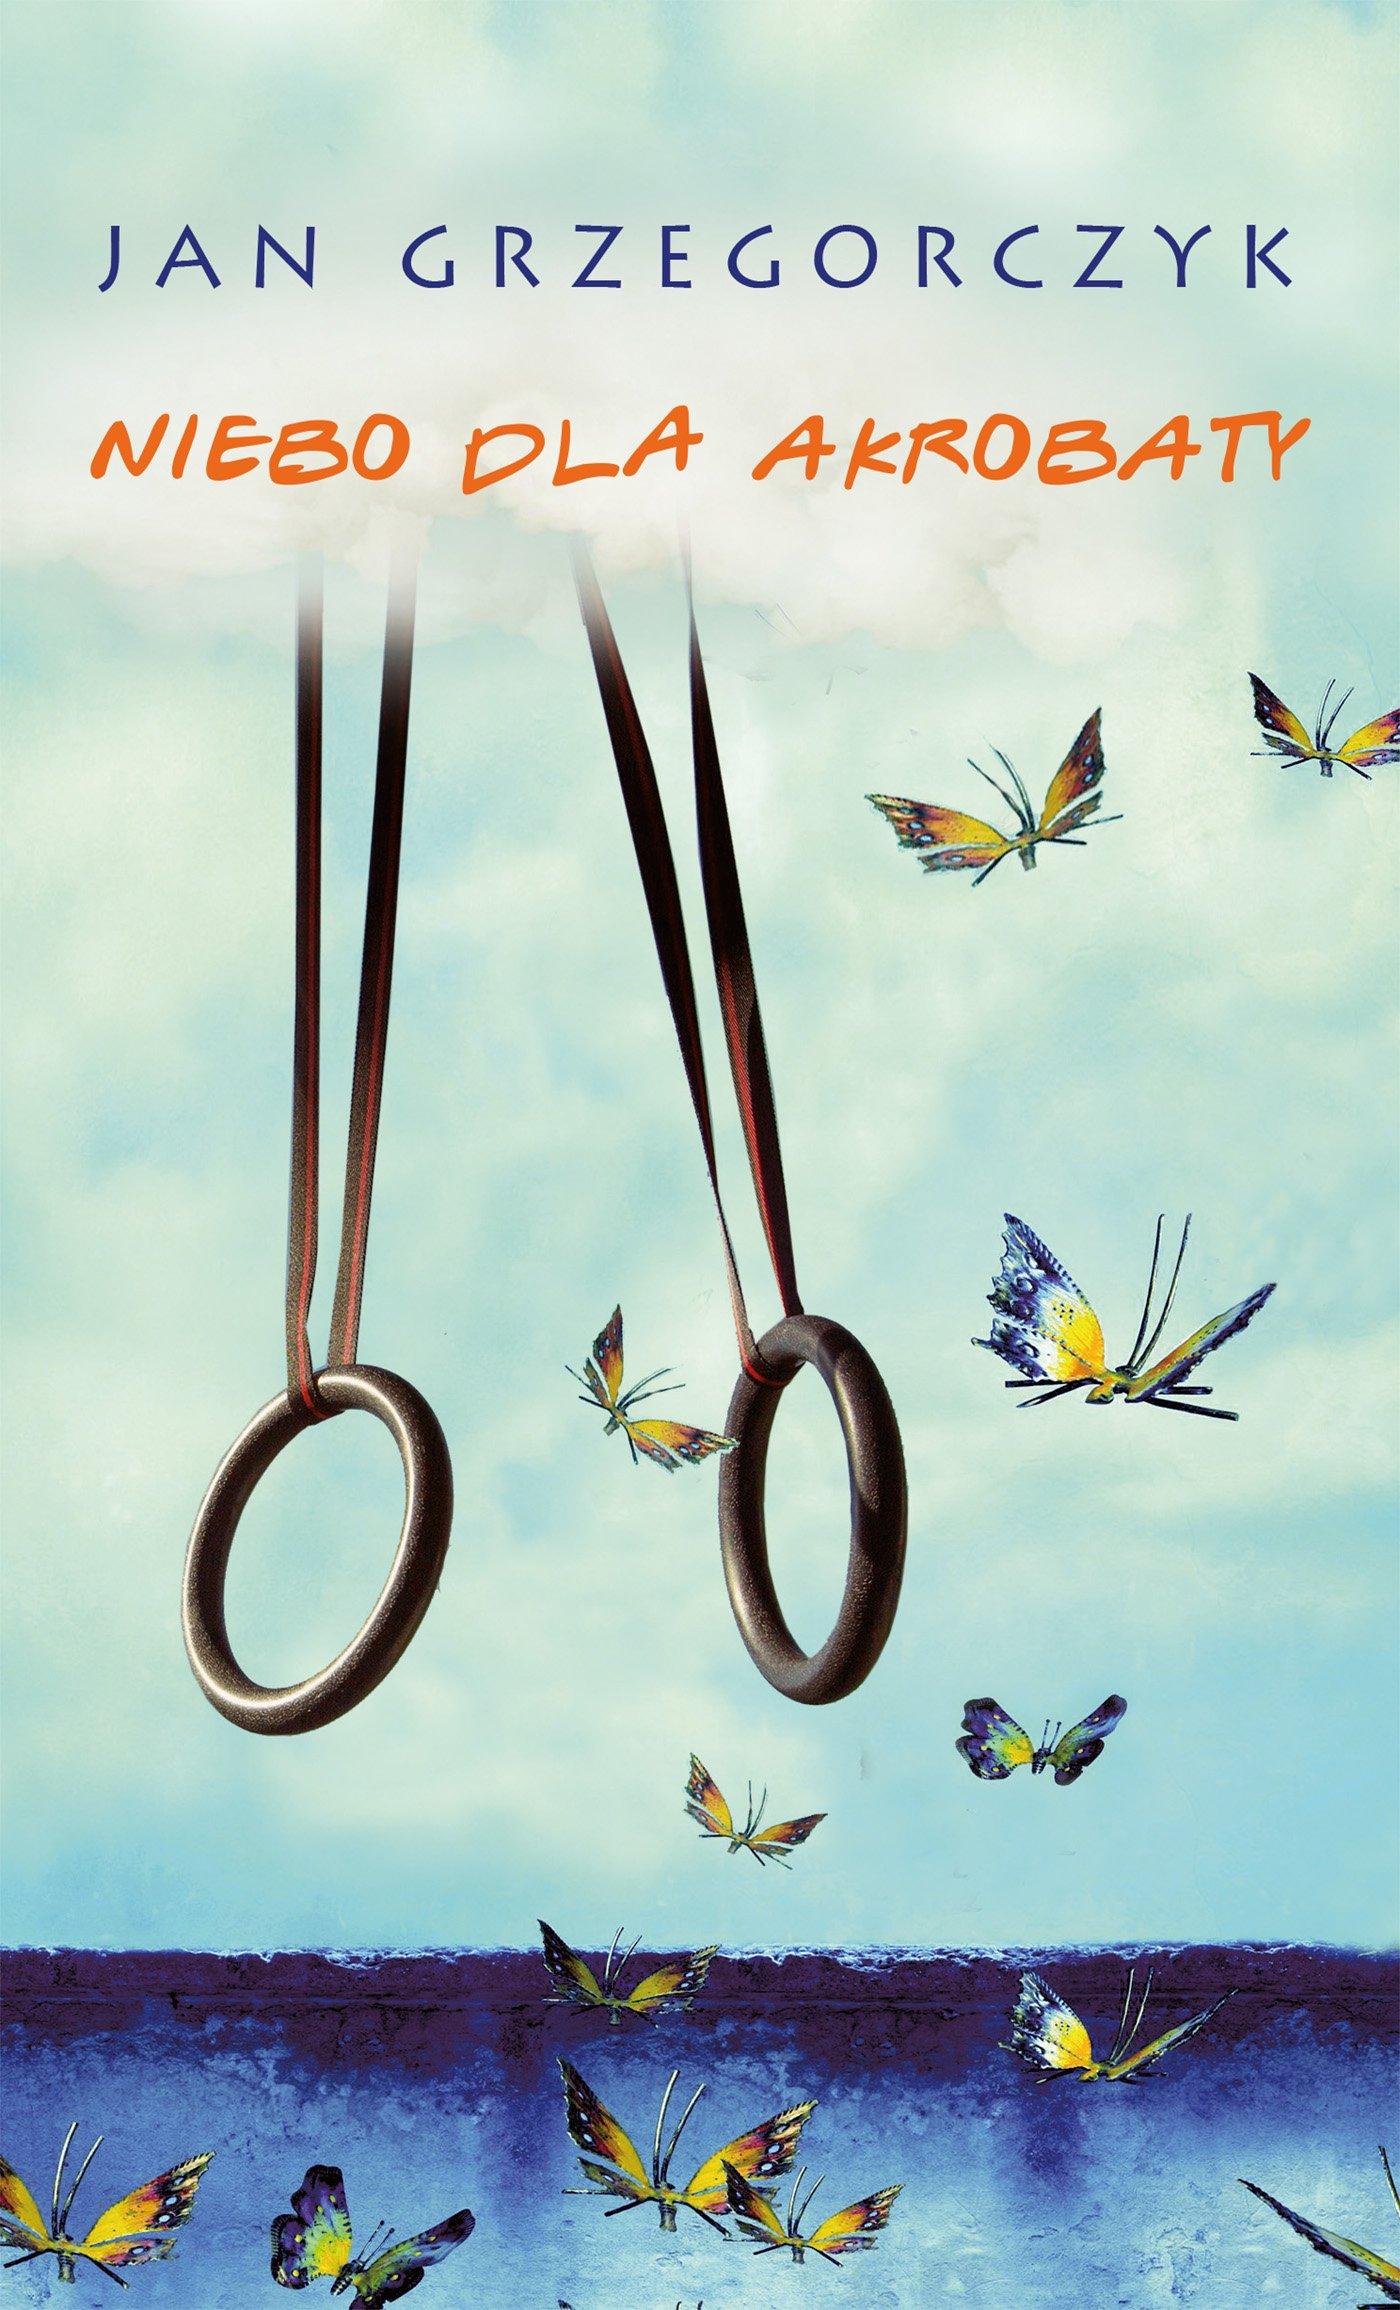 Niebo dla akrobaty - Ebook (Książka EPUB) do pobrania w formacie EPUB